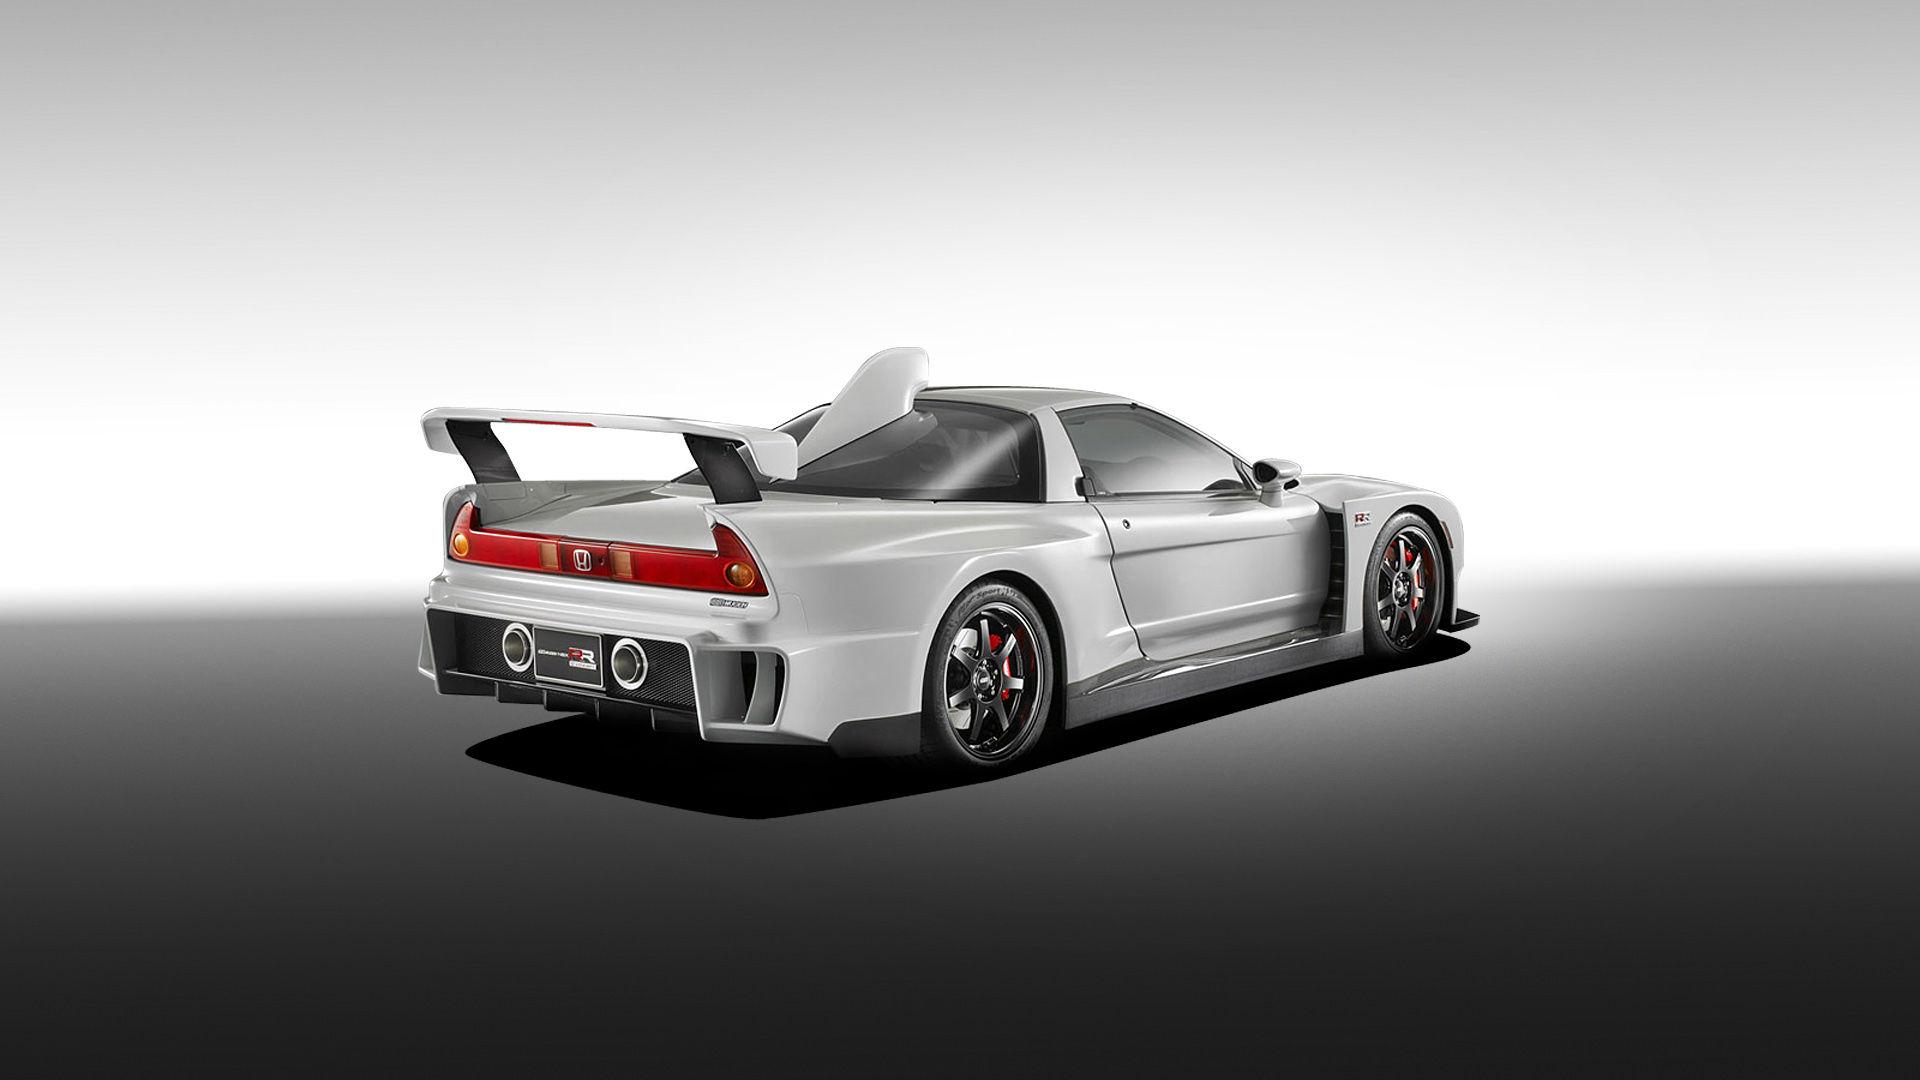 2009 Honda Mugen NSX RR Concept